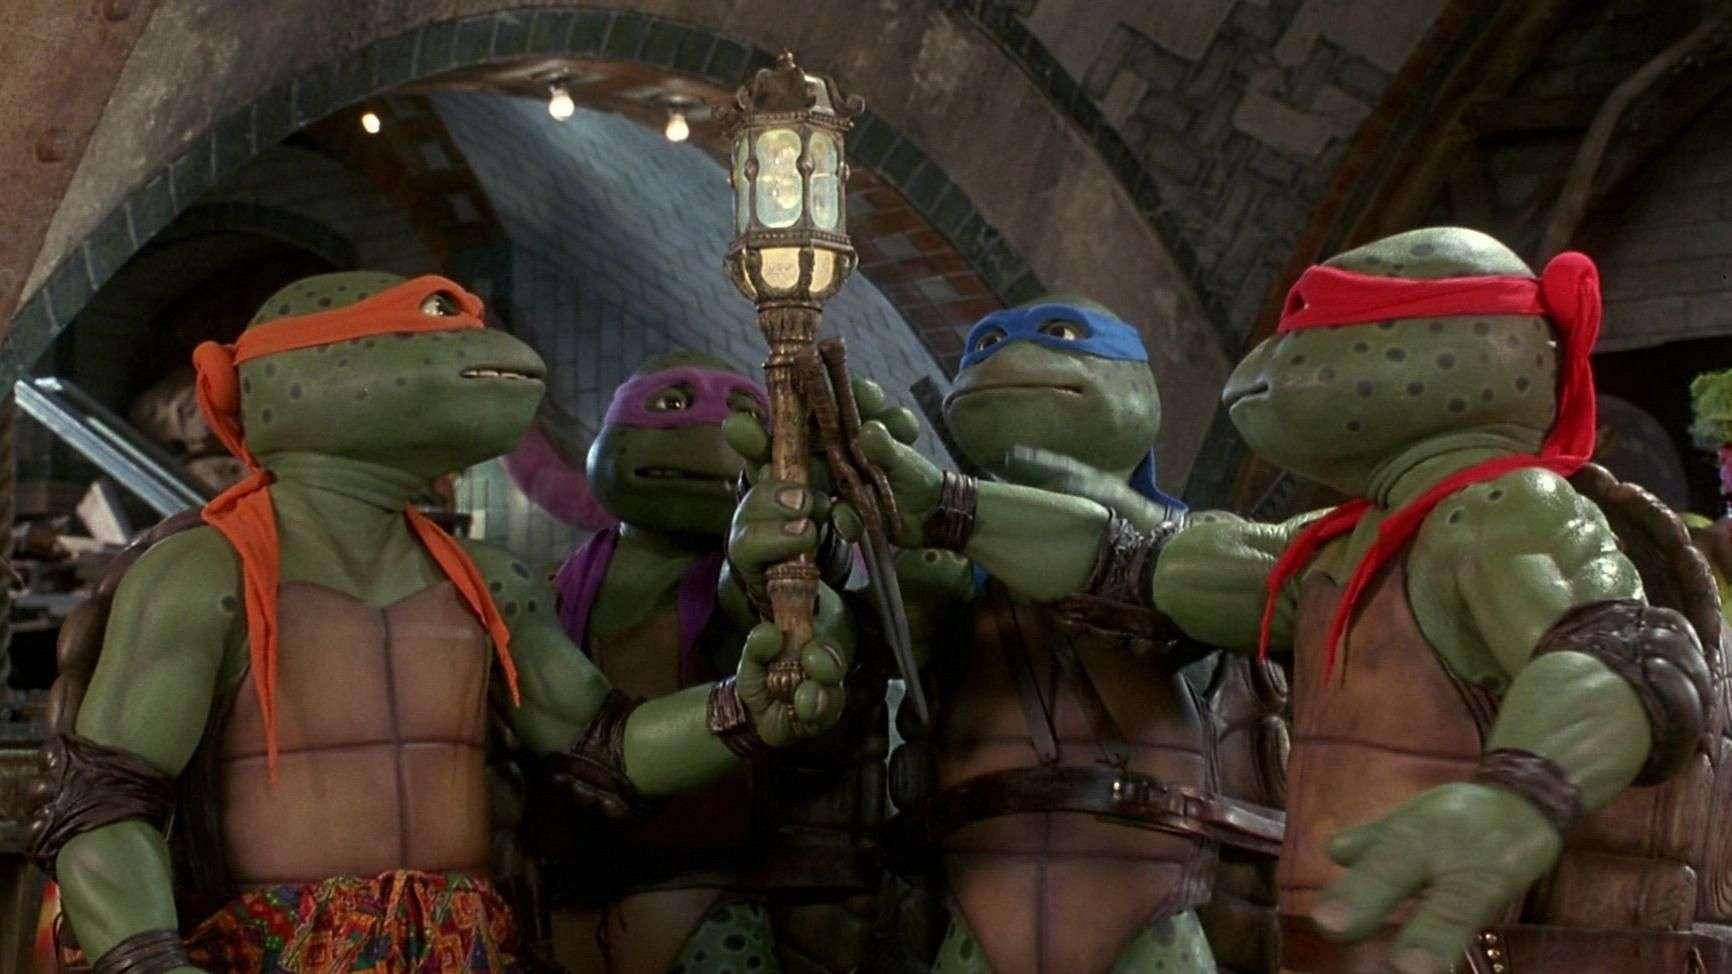 Las 'Tortugas Ninja' llegan a la pantalla grande en EE.UU.